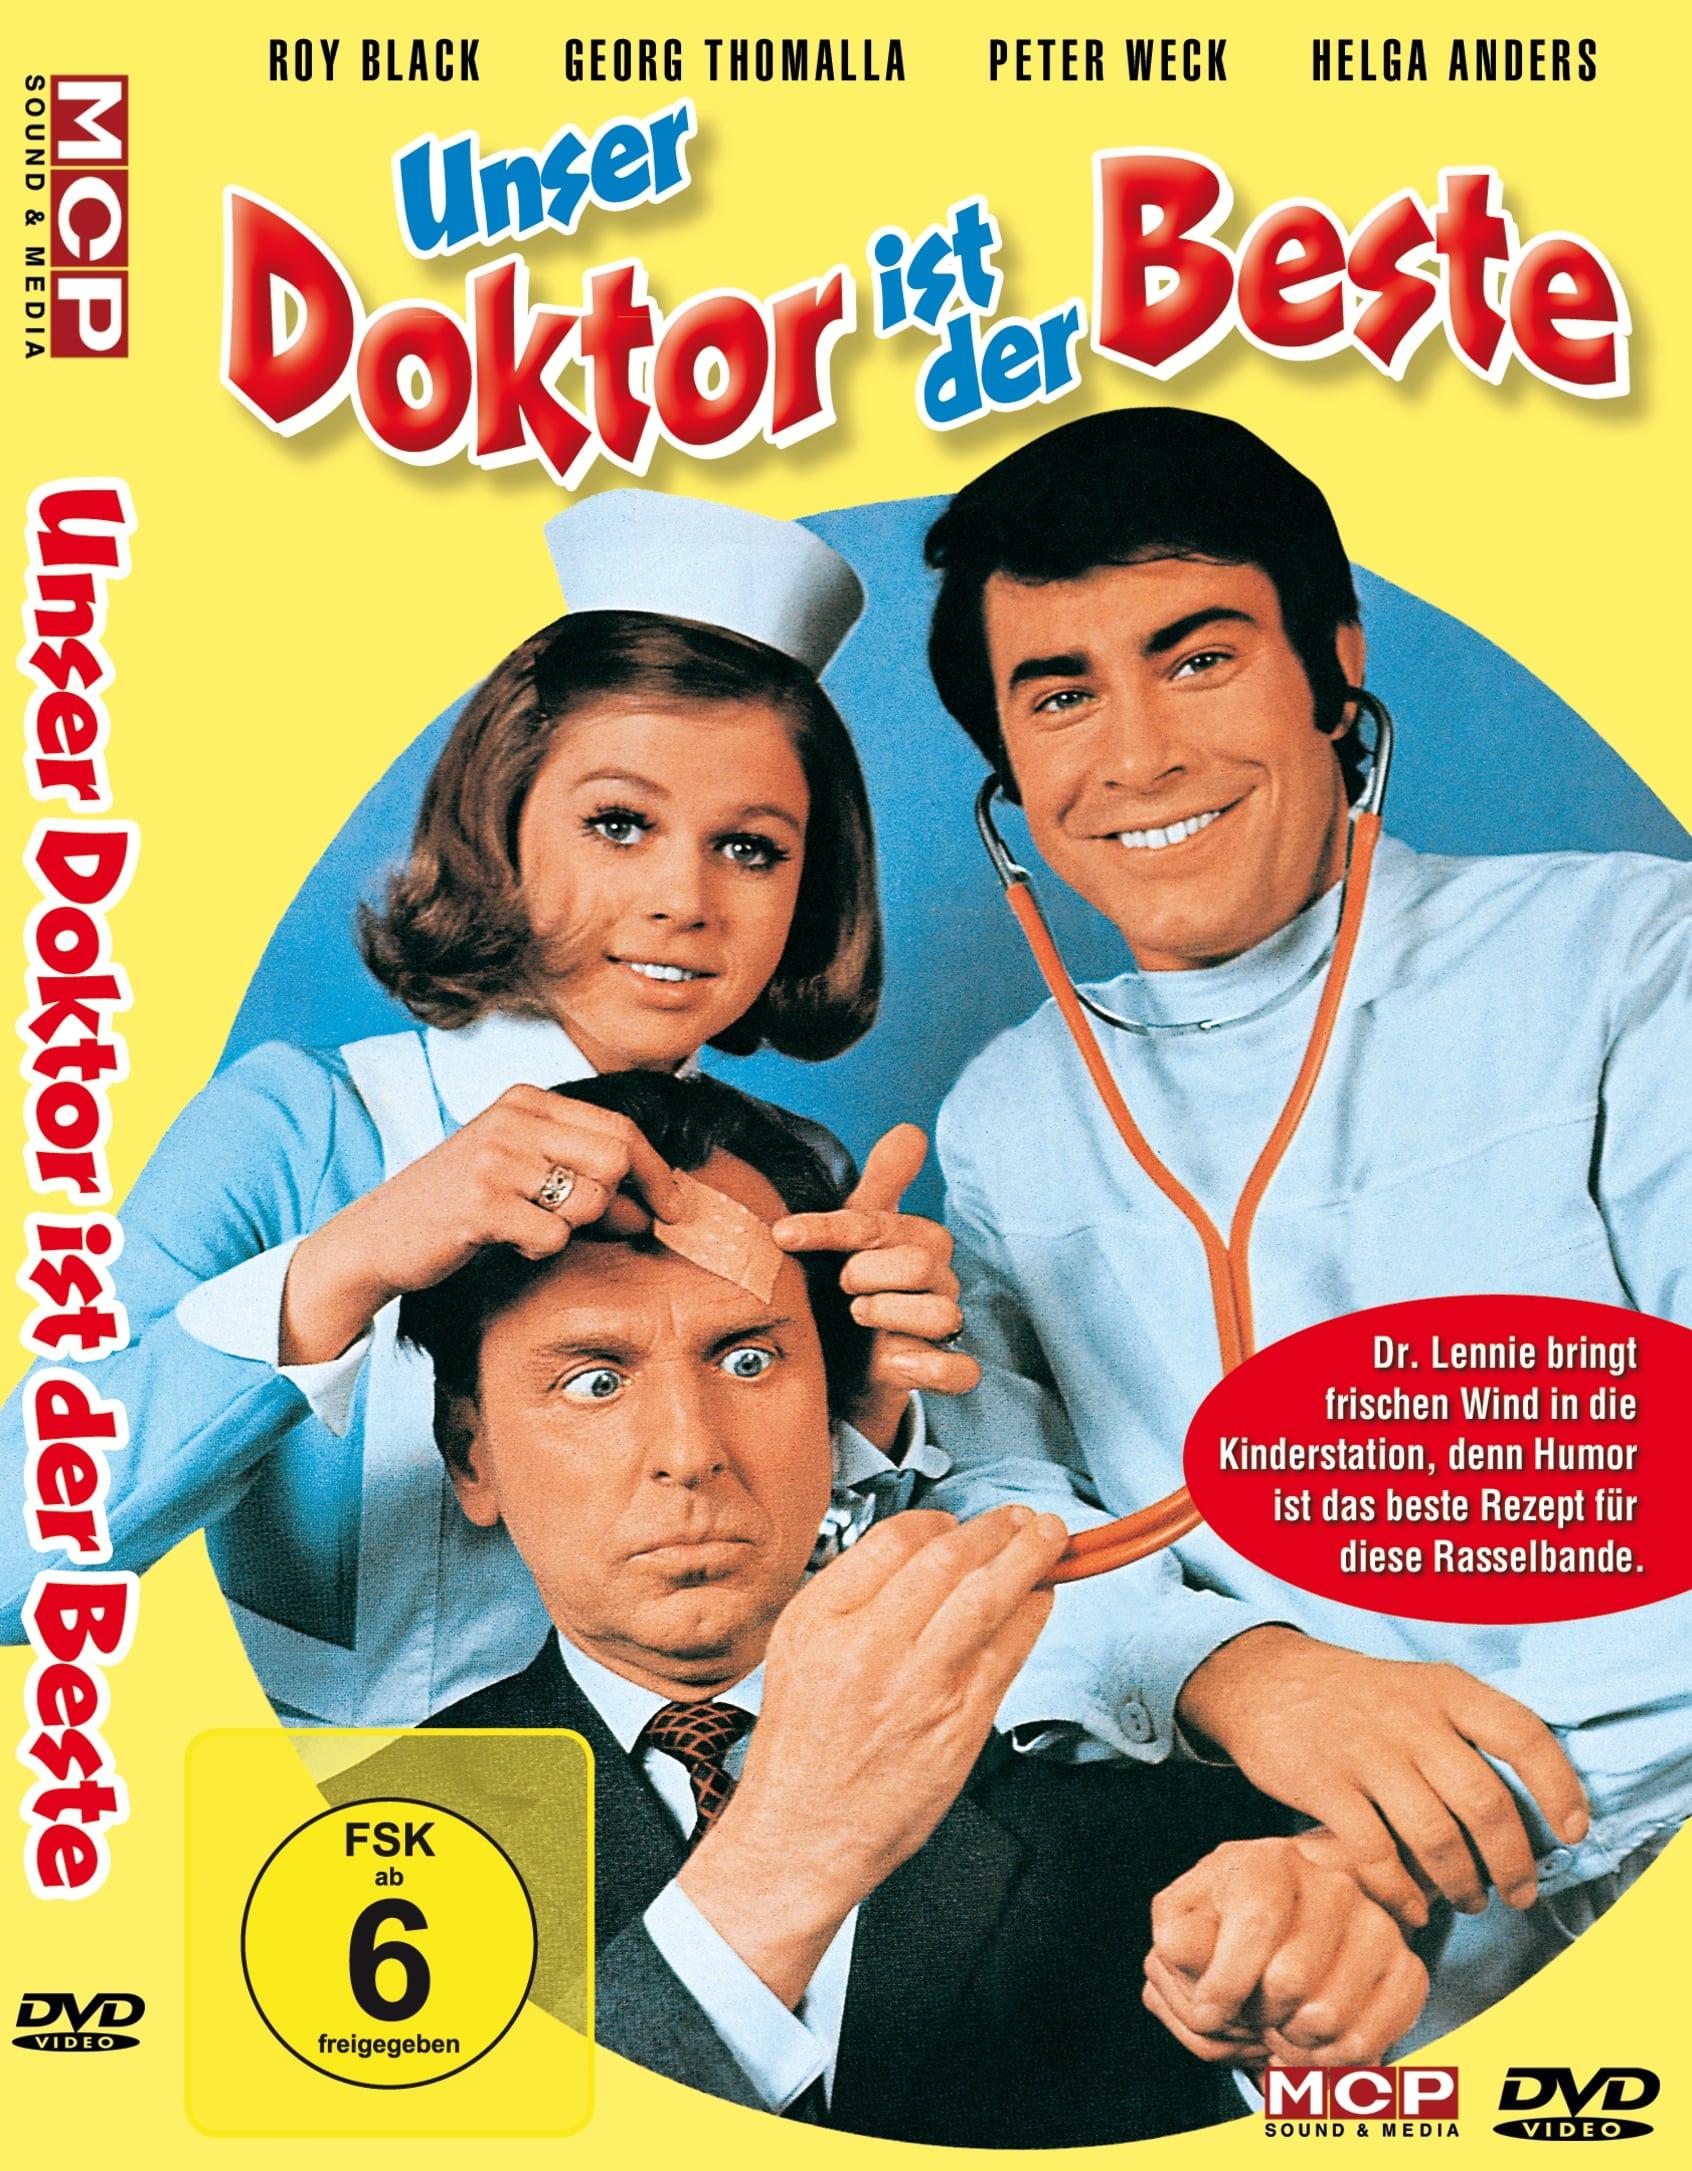 Komödie - Unser Doktor ist der Beste